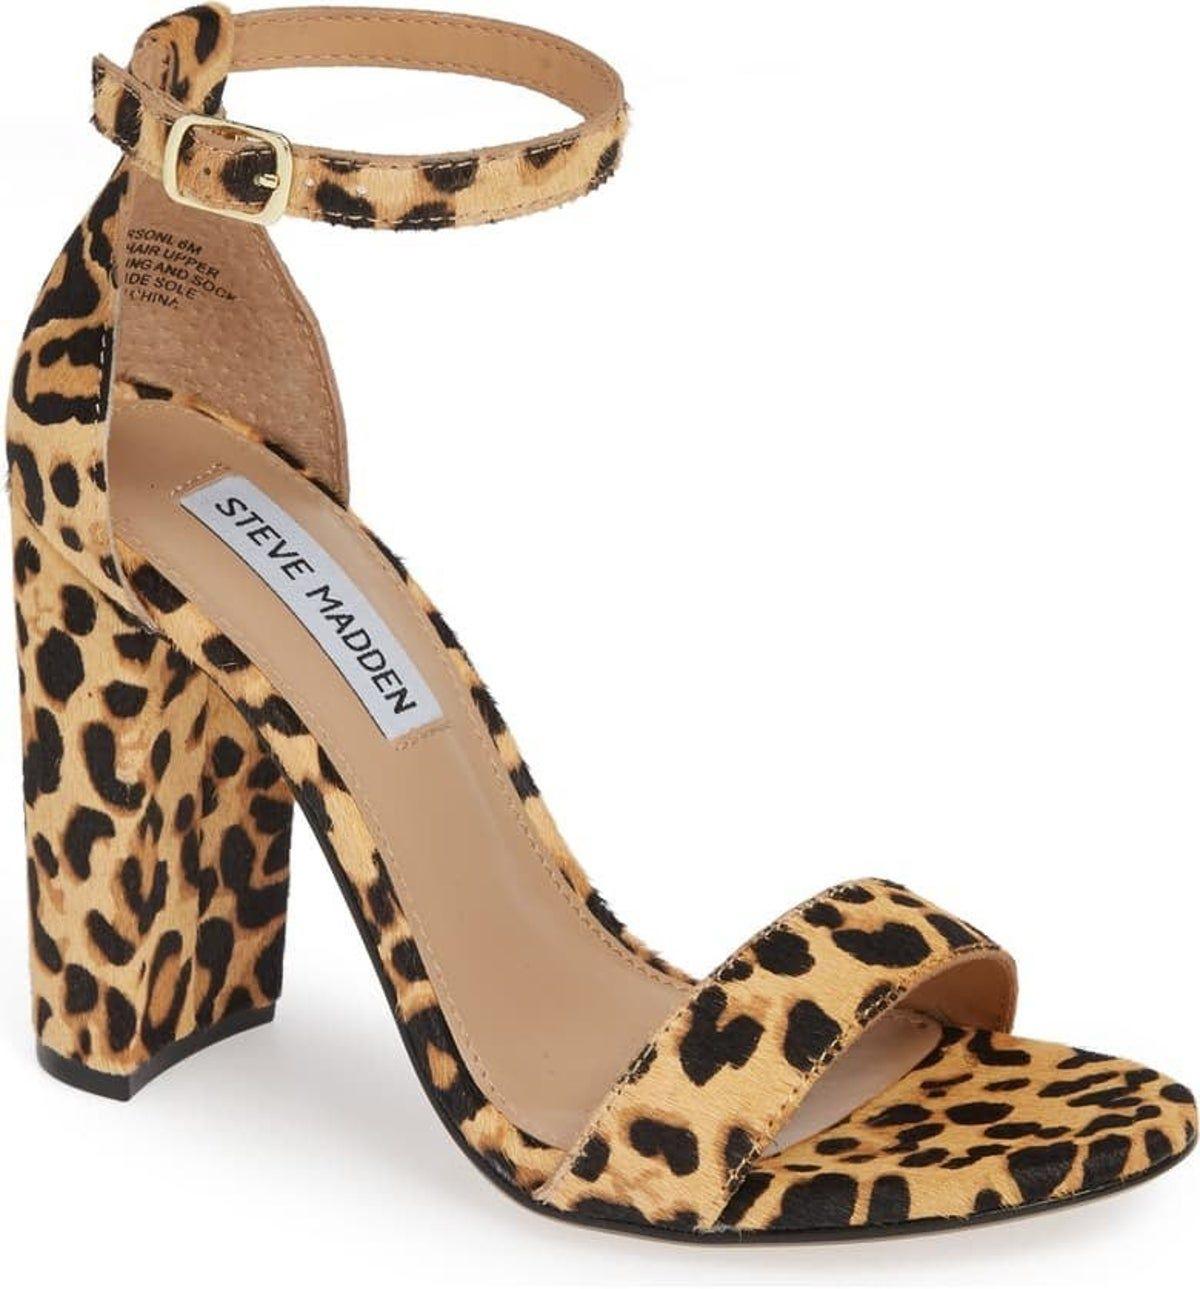 Steve Madden Carrson Leopard Heels in